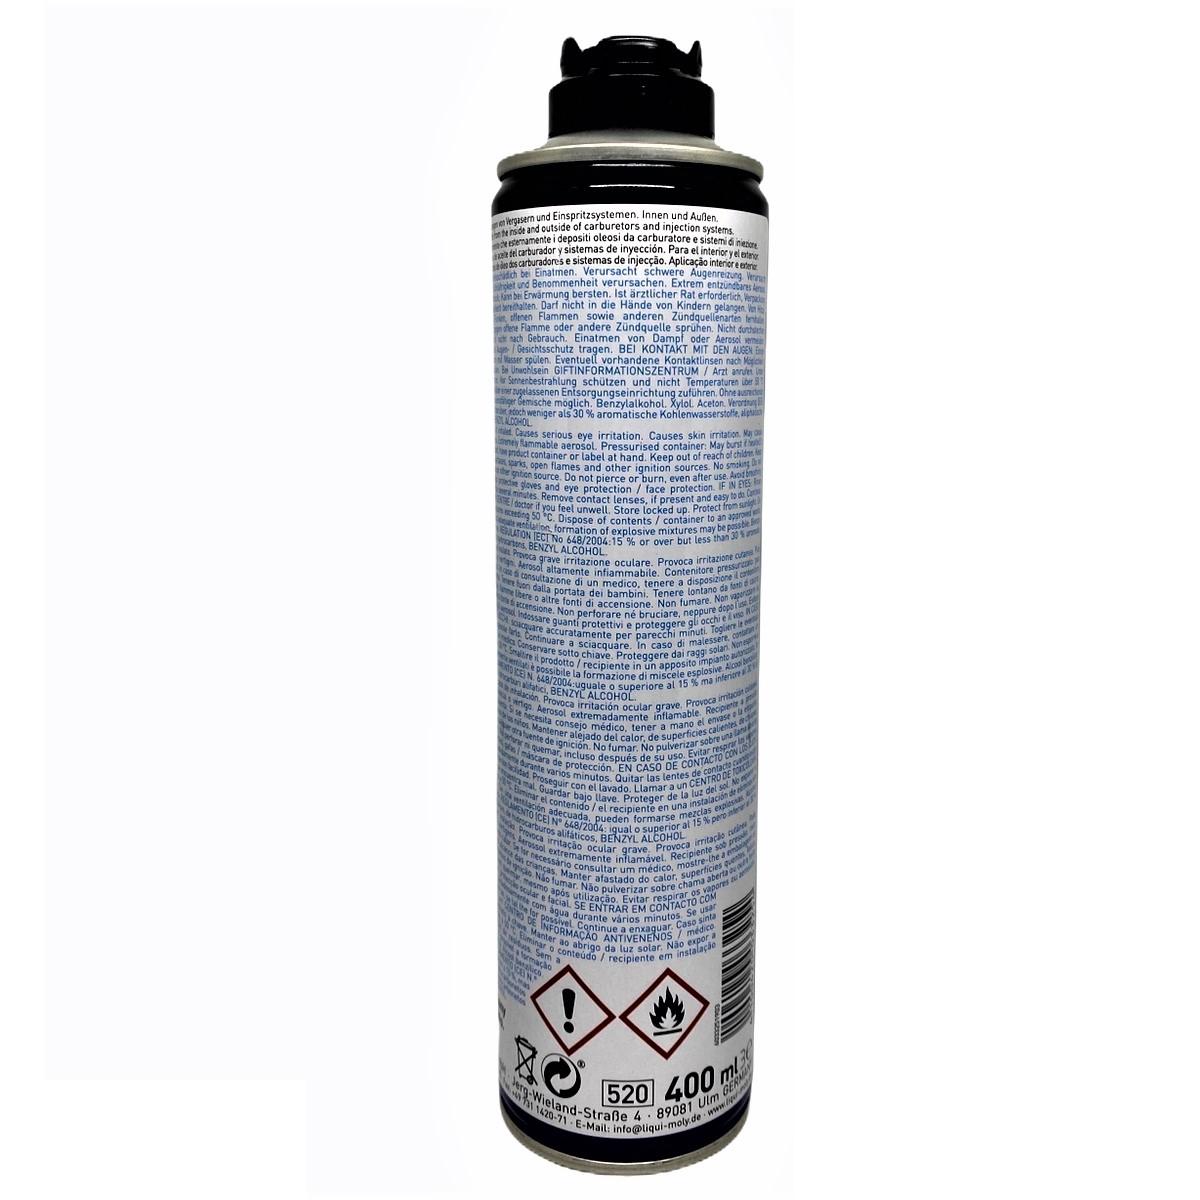 Chai xịt vệ sinh bình xăng con, cổ hút Liqui Moly 3325 - Tặng kèm 1 khăn lau chuyên dụng 3M